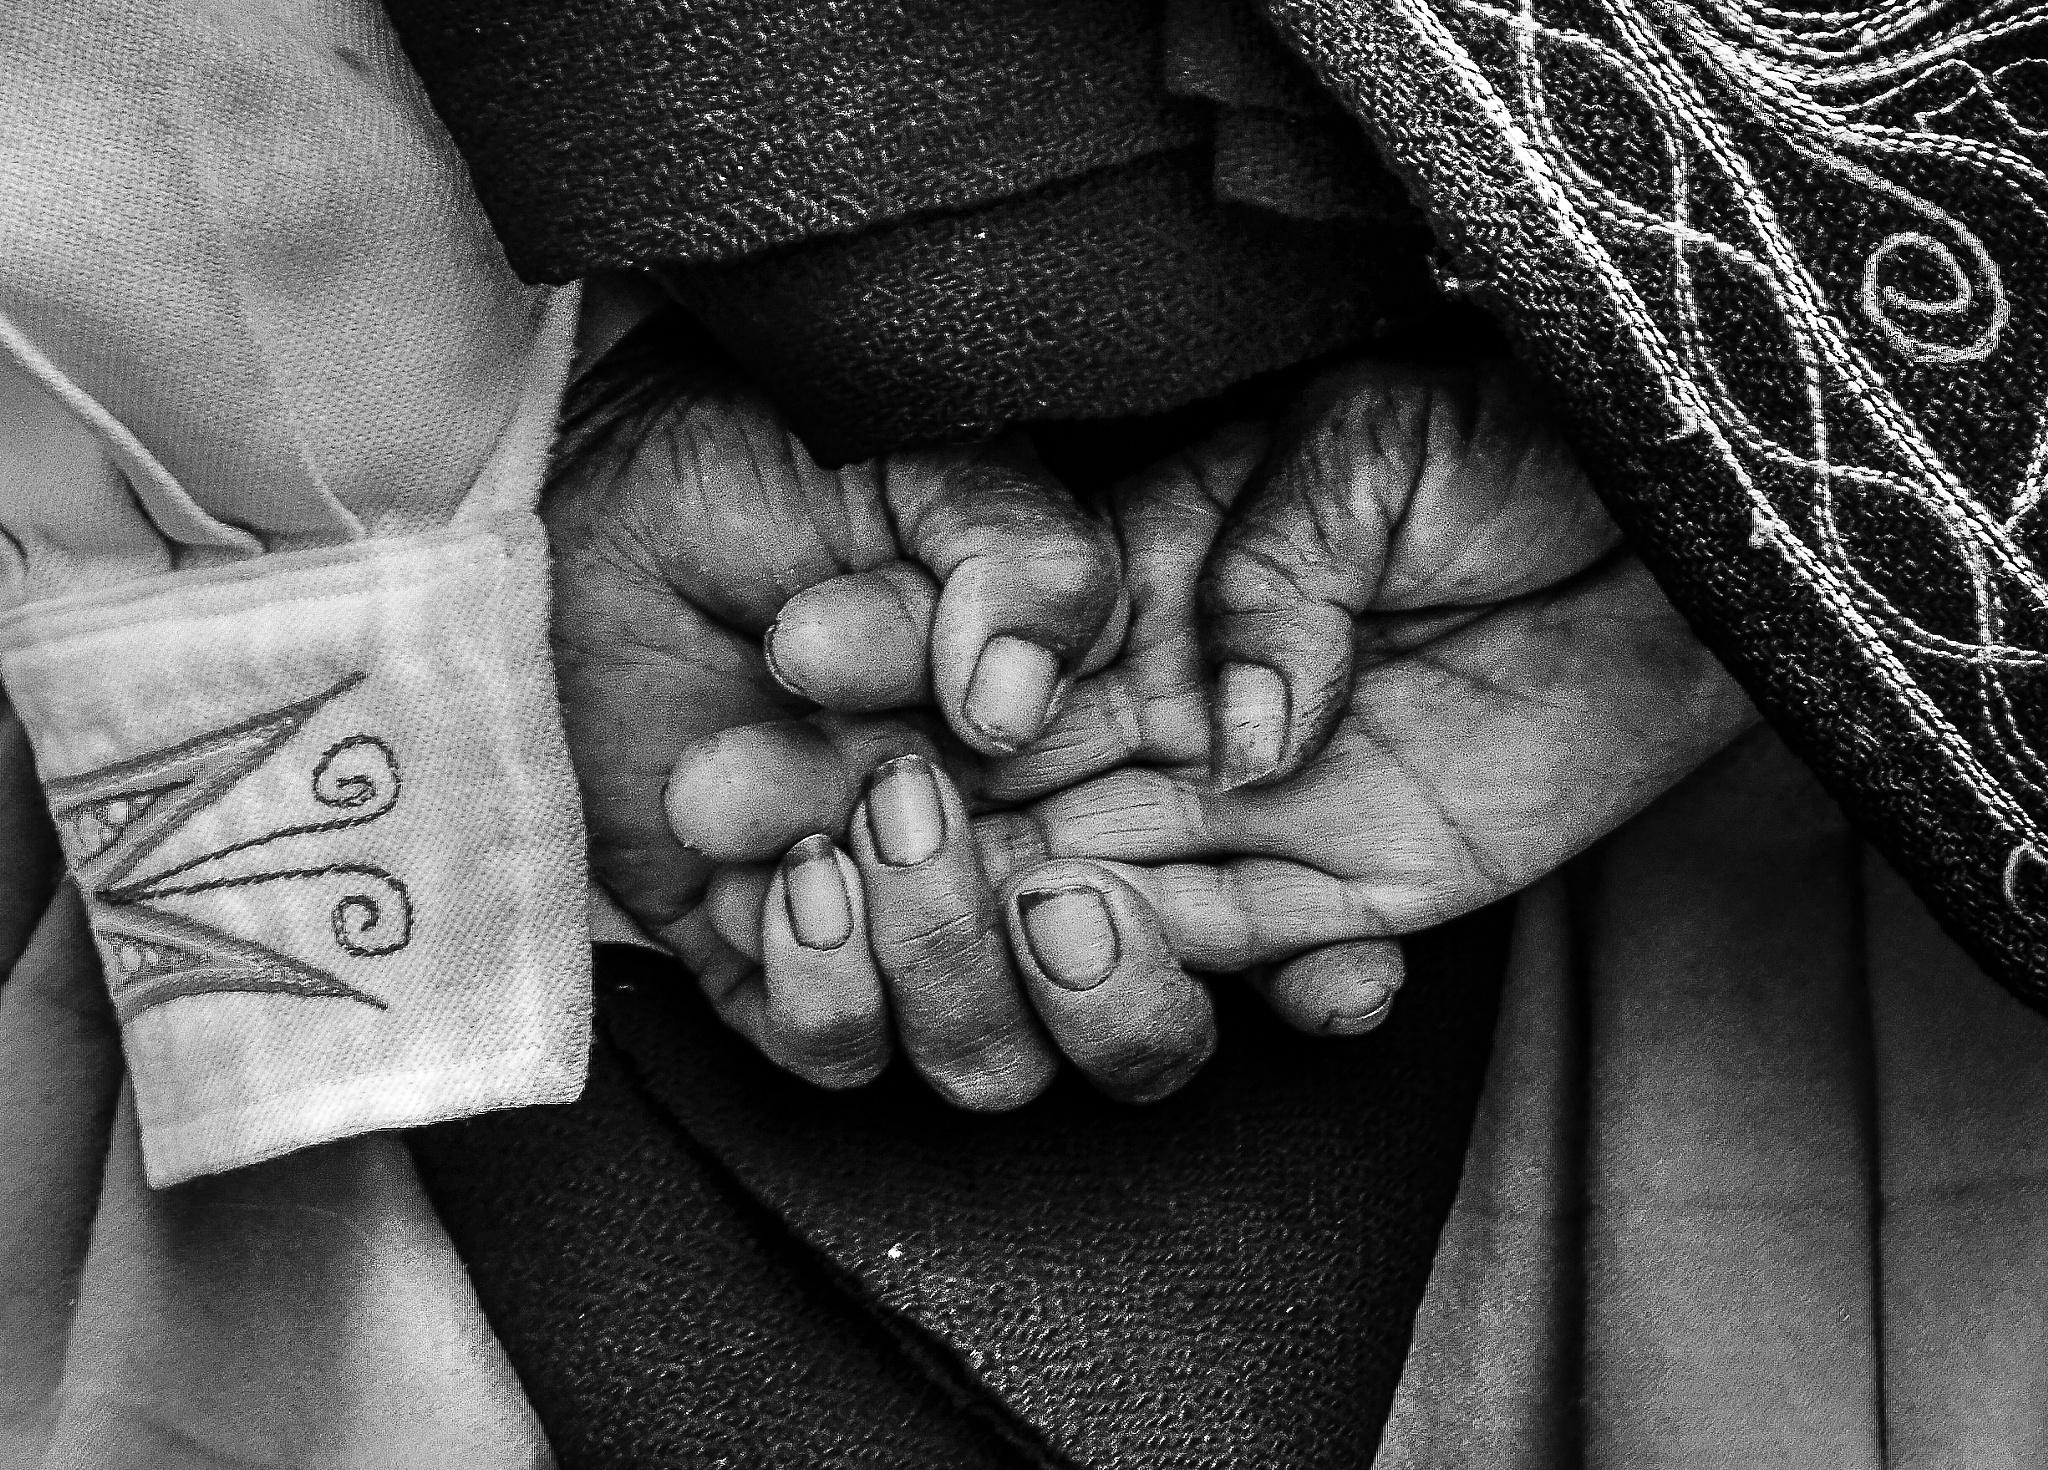 PERU. Amantaní. 2014 by Marcio Bertolucci